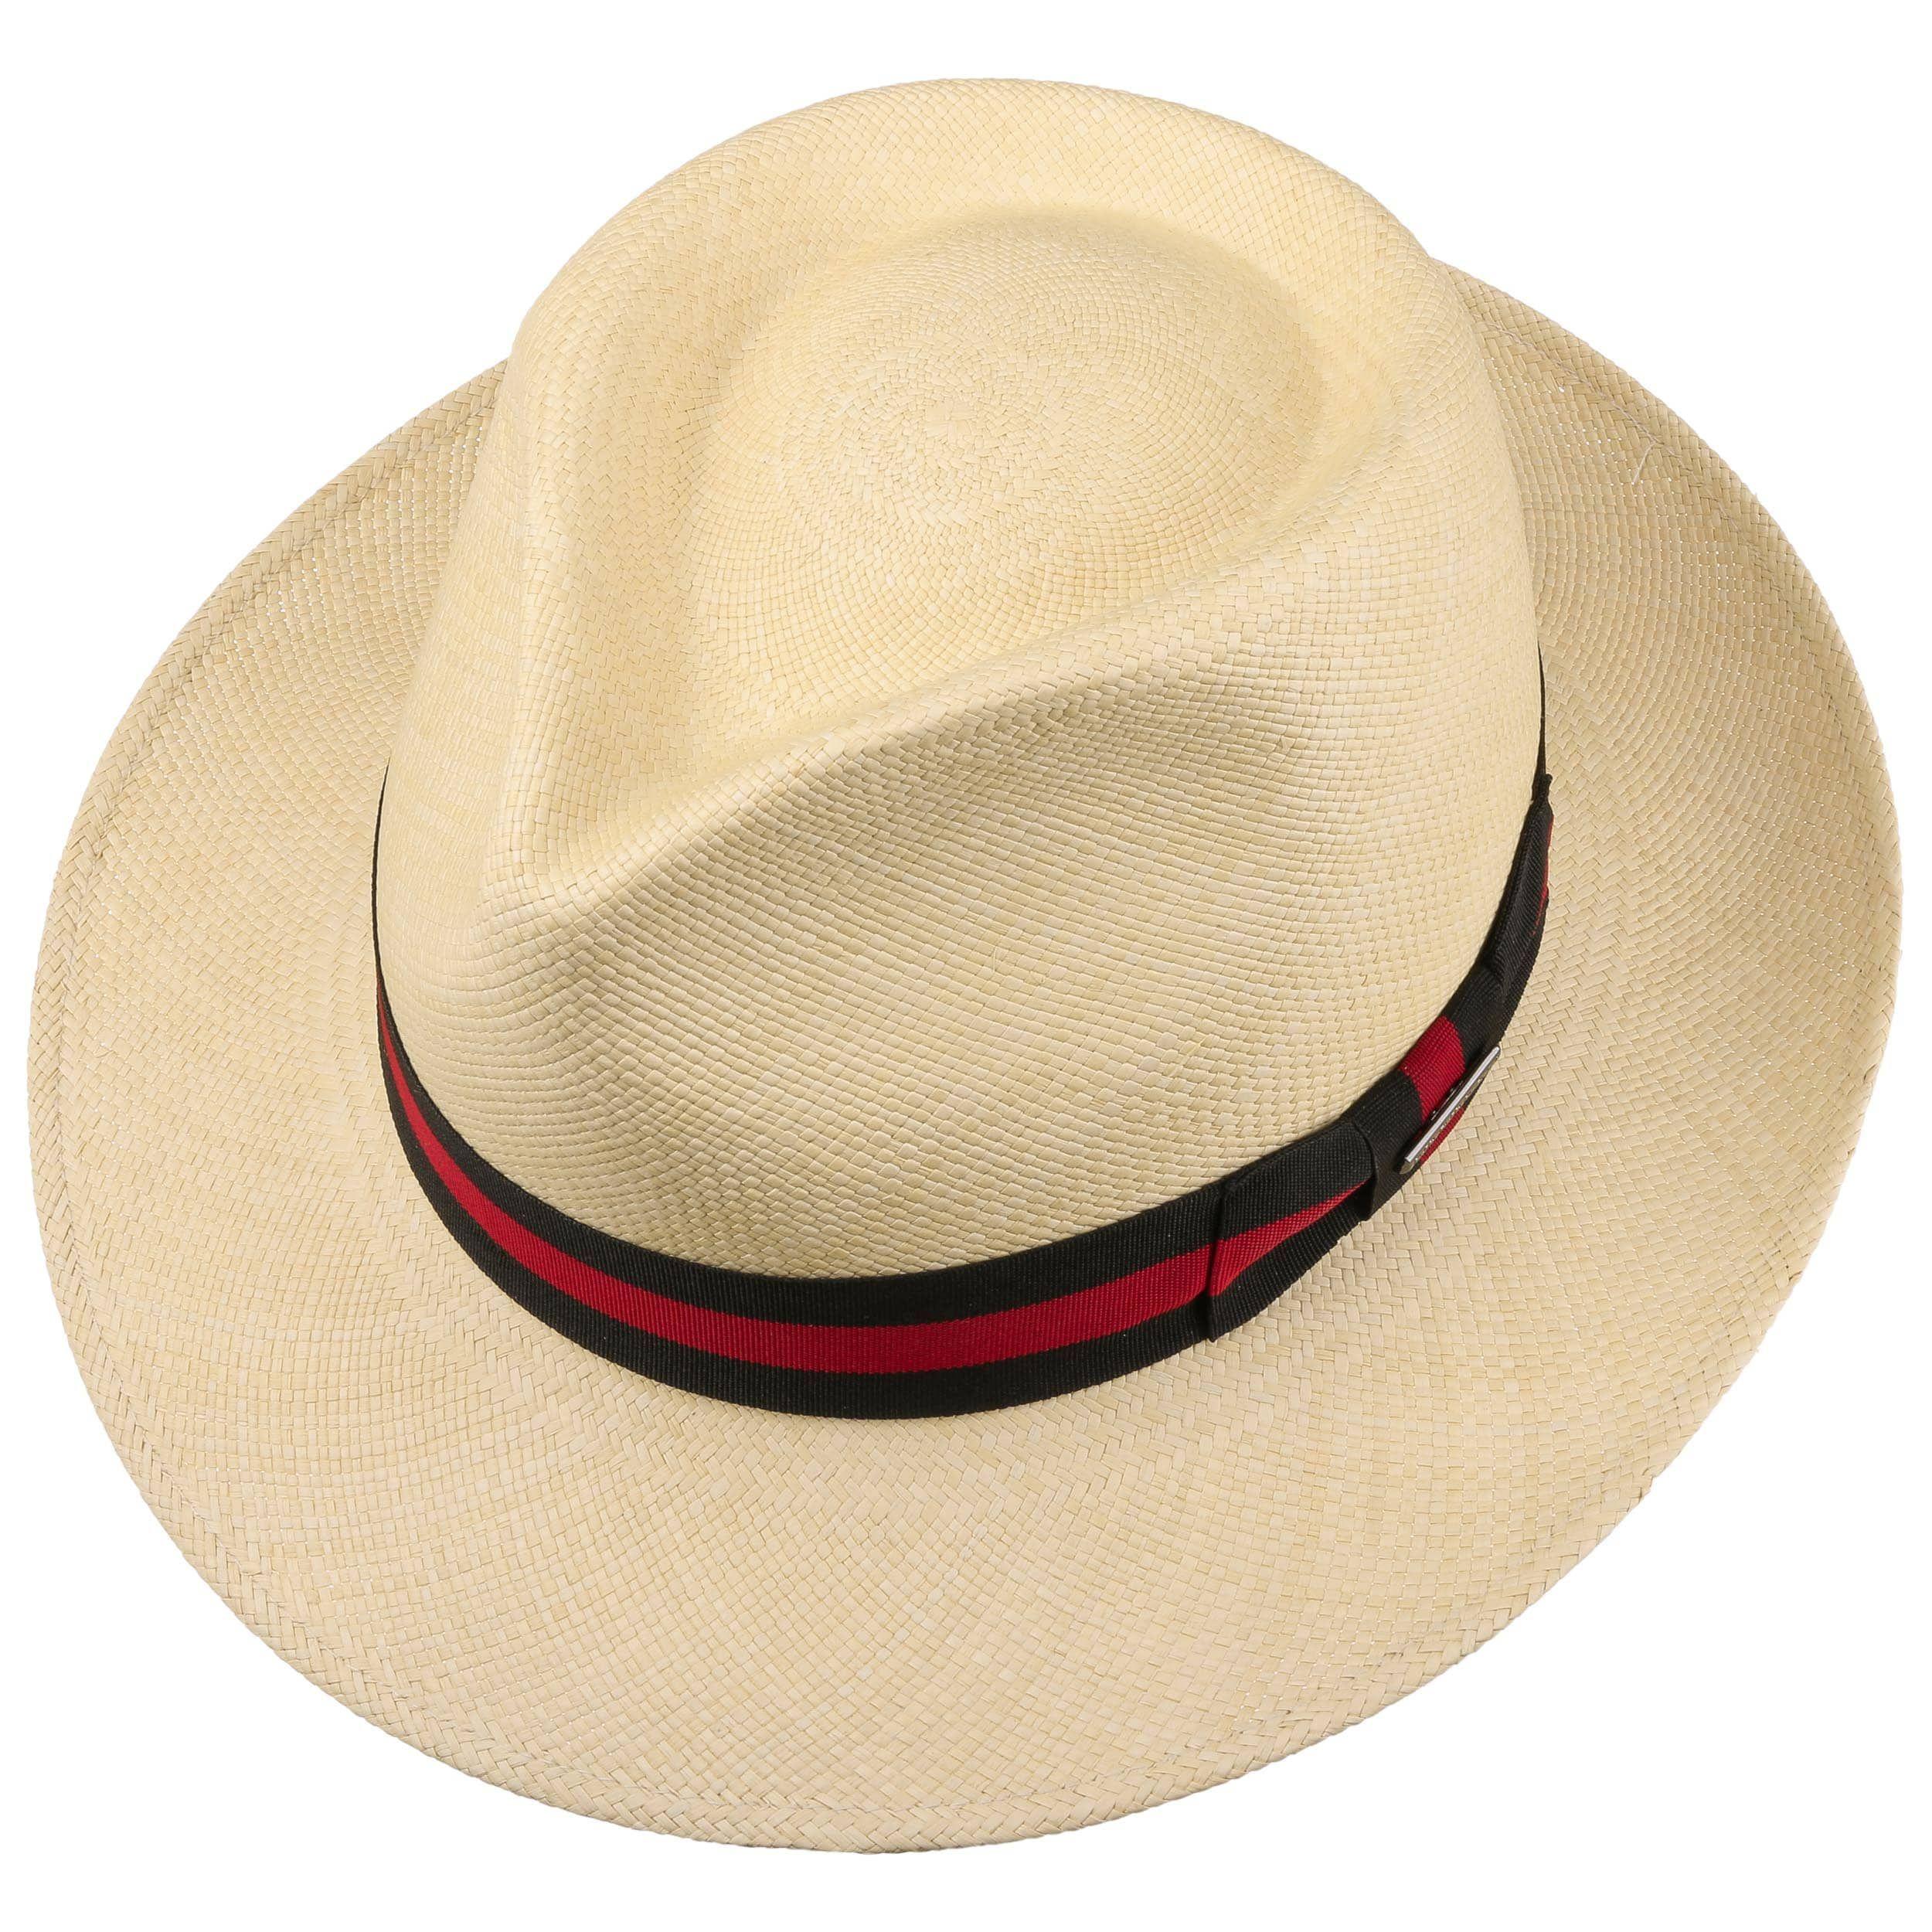 Rocaro Fedora Panama Hat nature